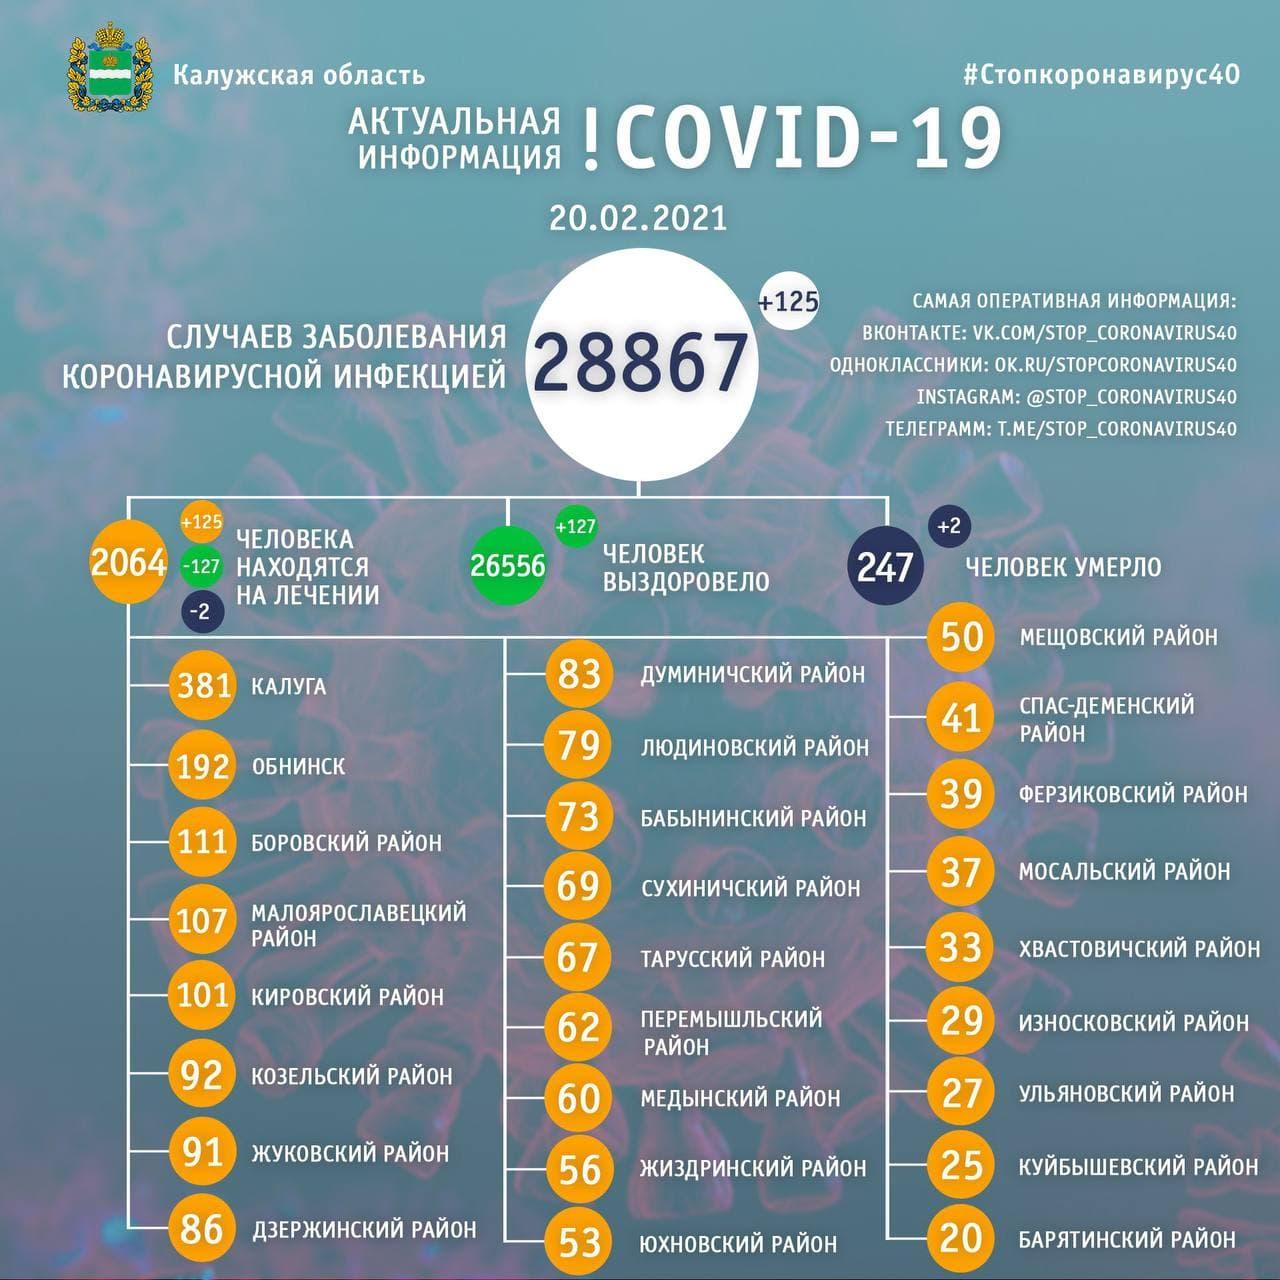 Официальные данные по коронавирусу в Калужской области на 20 февраля 2021 года.